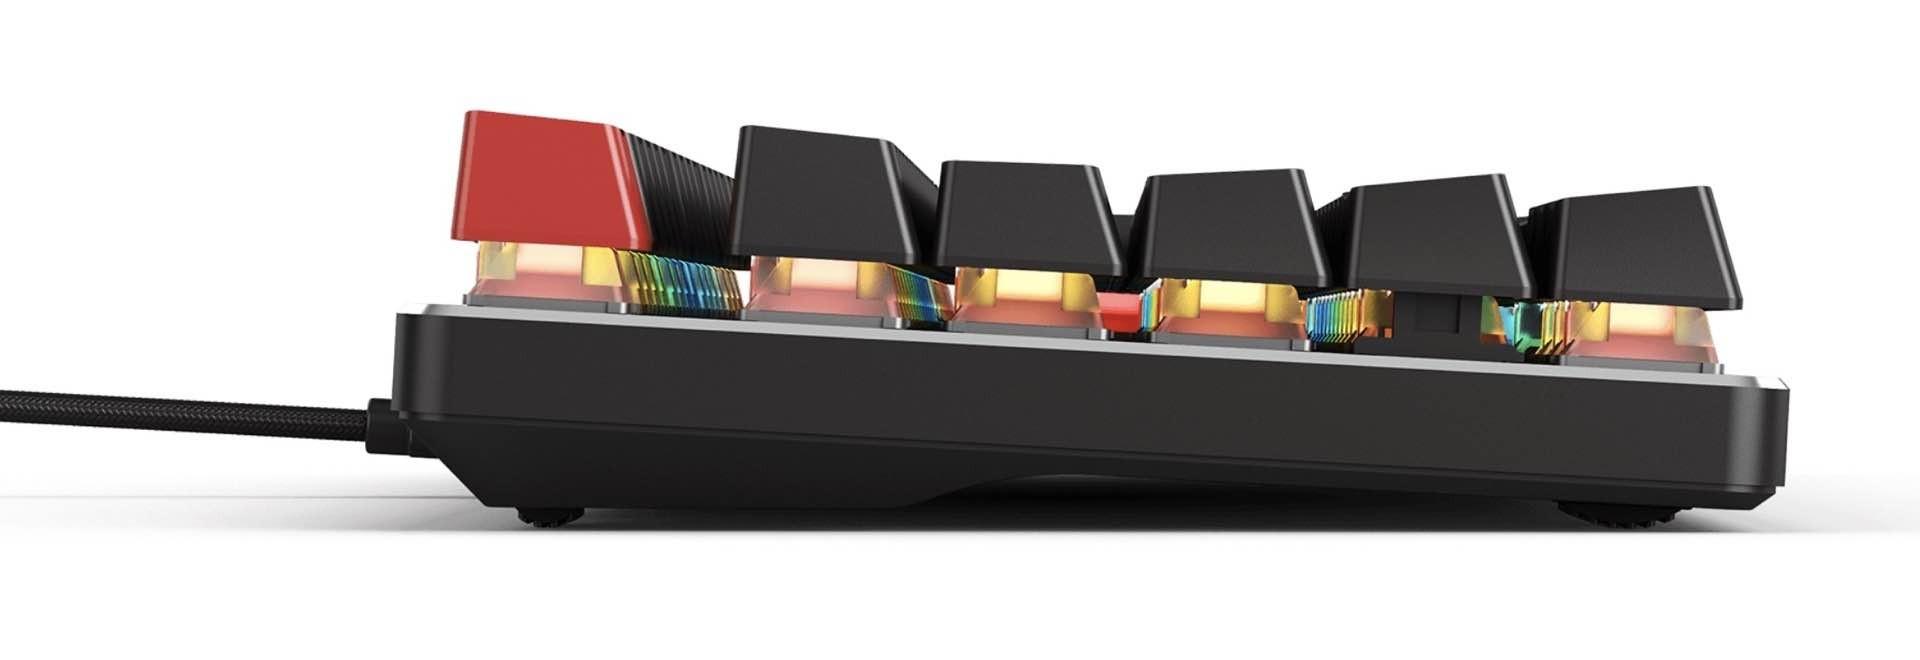 gmmk-modular-mechanical-gaming-keyboard-side-view